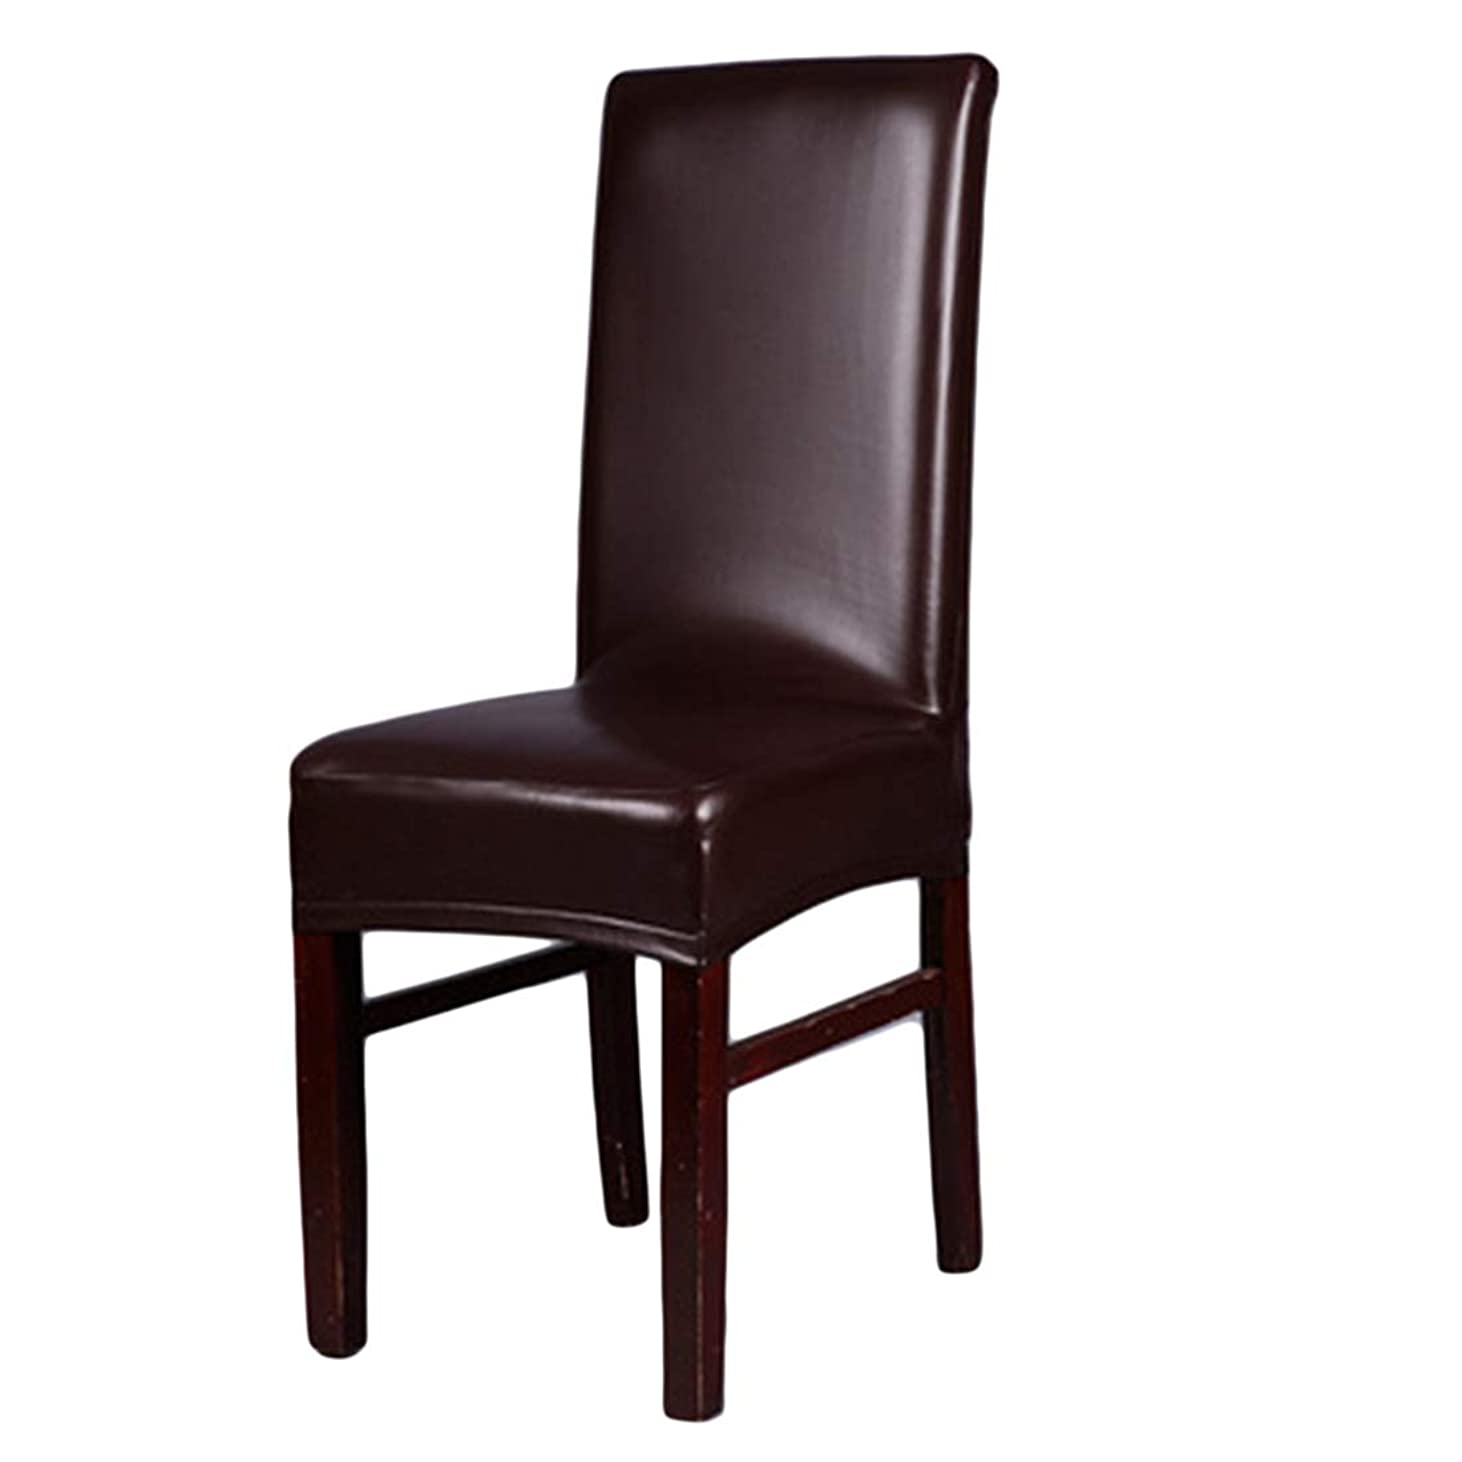 ブロック馬鹿影響するKLUMA 椅子カバー チェアカバー 伸縮素材 PU レザー 防水 家庭用 ウェディング?結婚式?パーティーに適合 取り外し可能